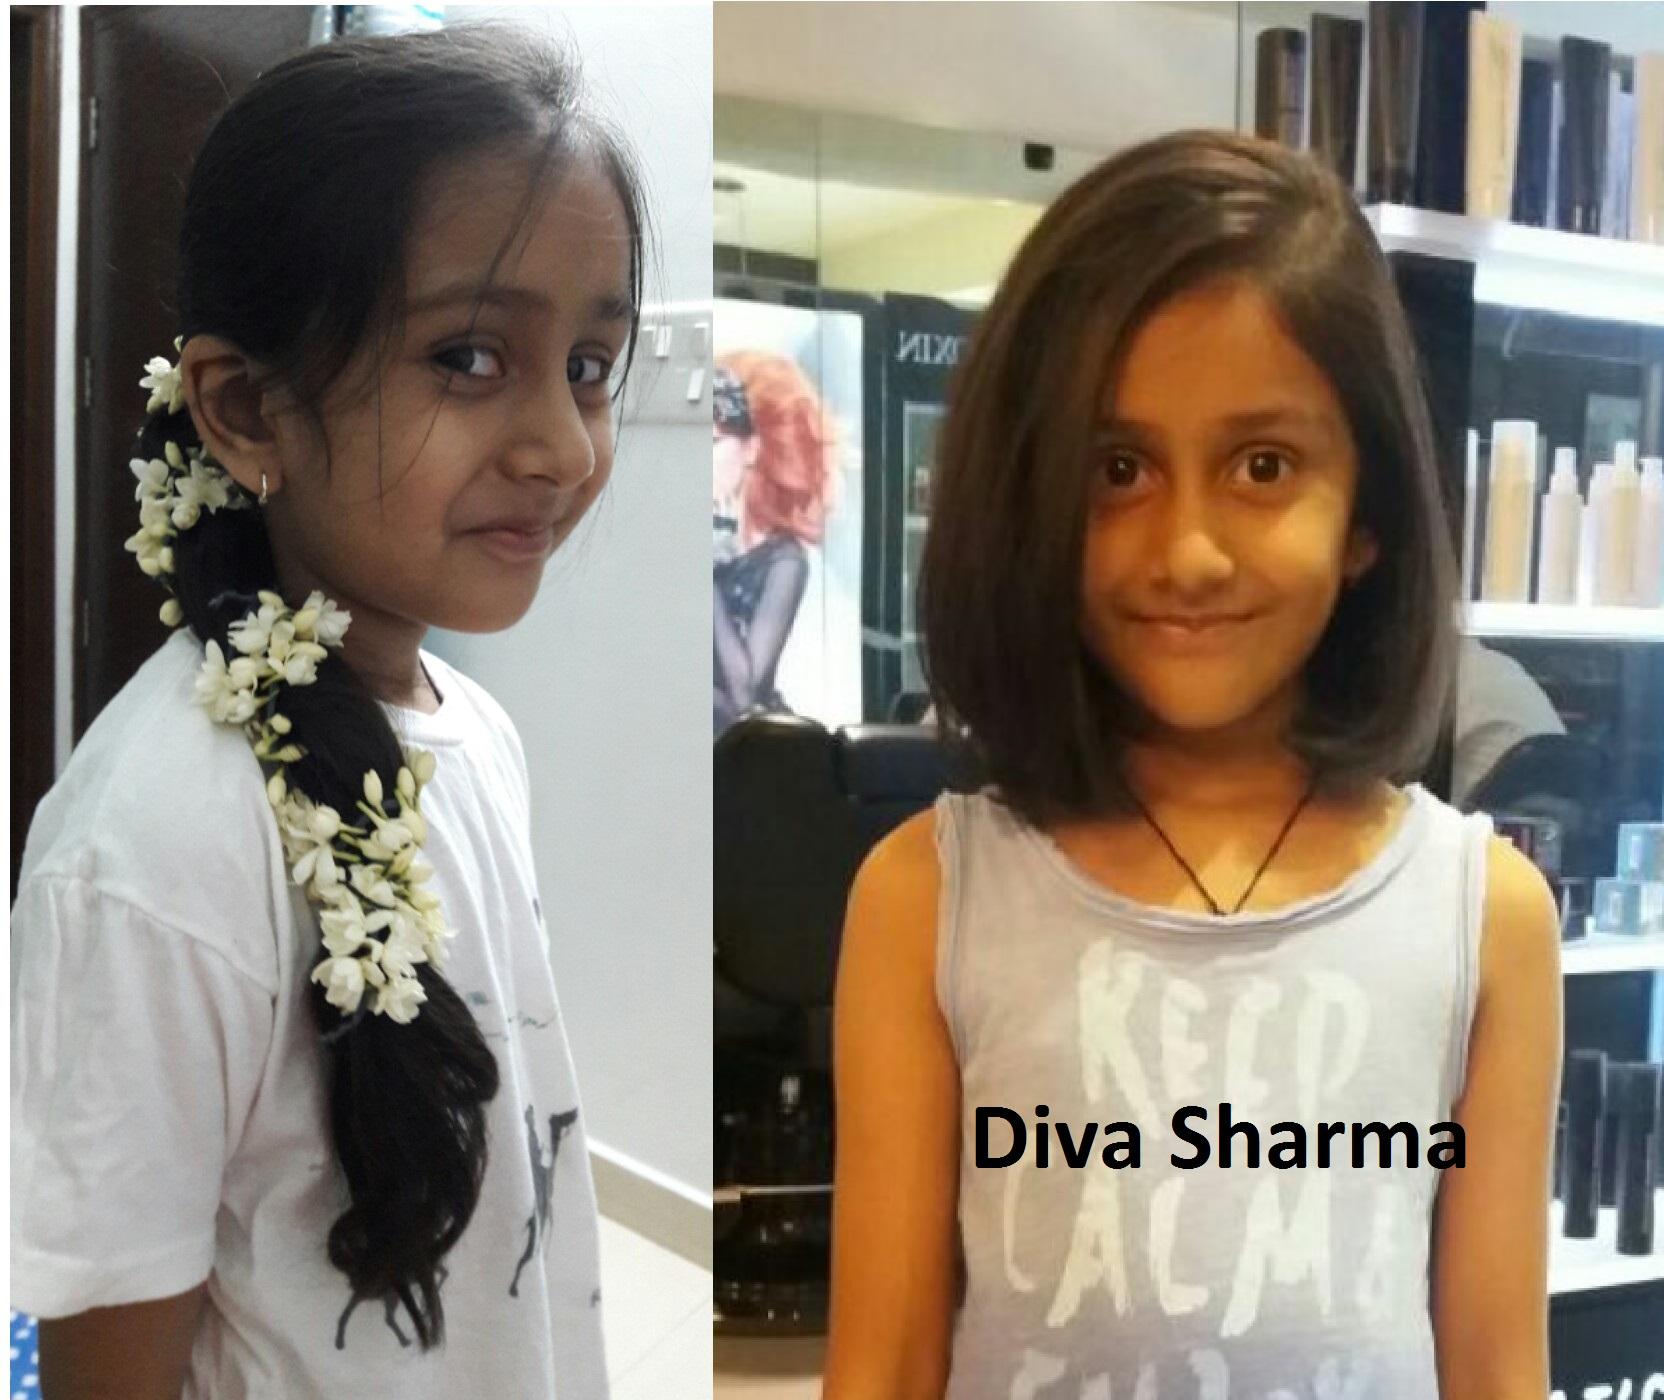 Diva Sharma